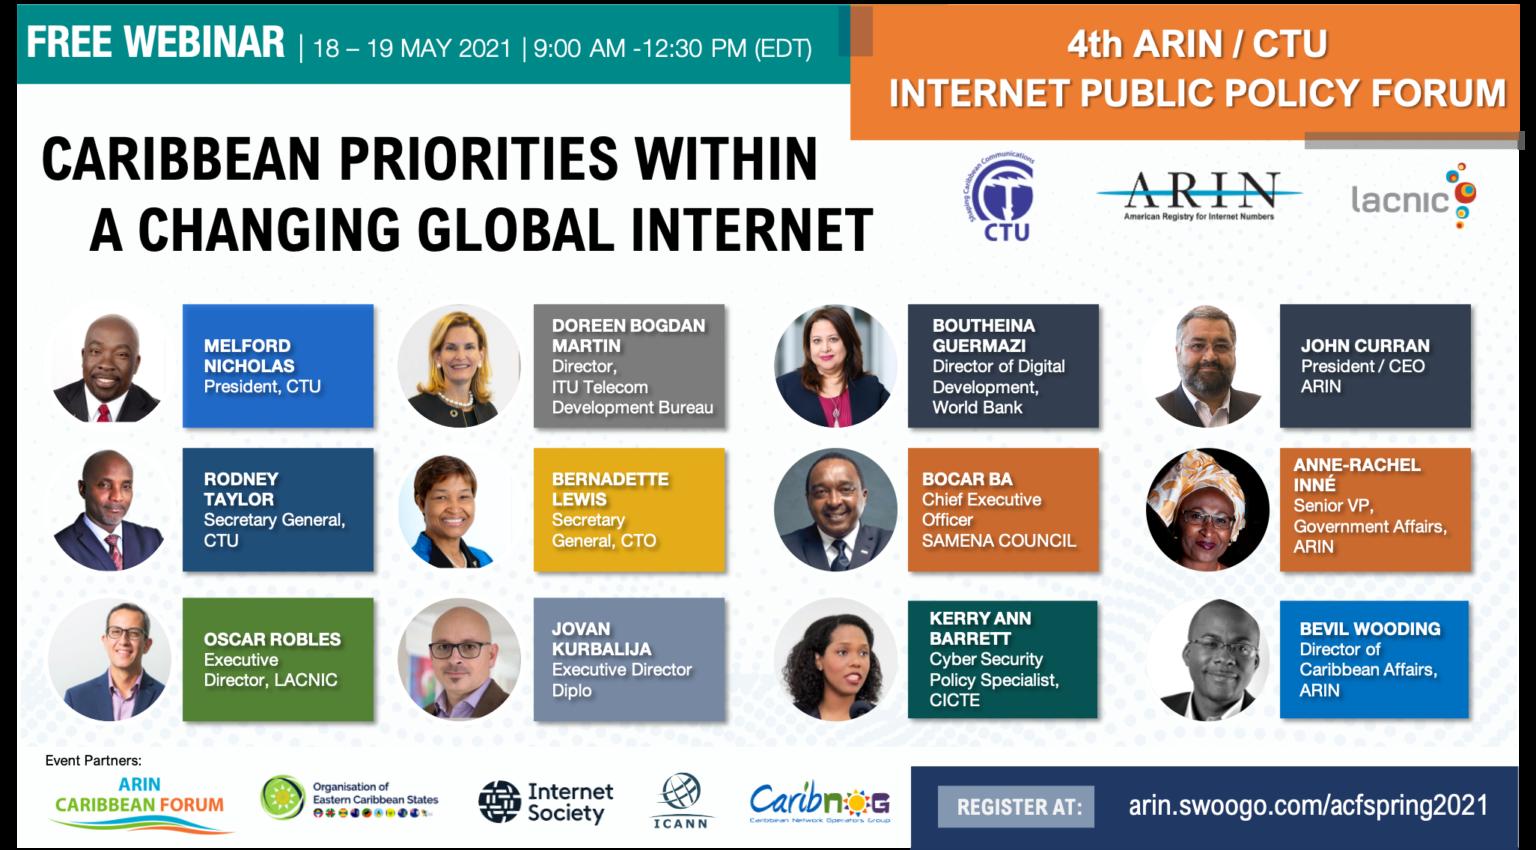 ARIN CTU 2021 Internet Public Policy Forum Flyer